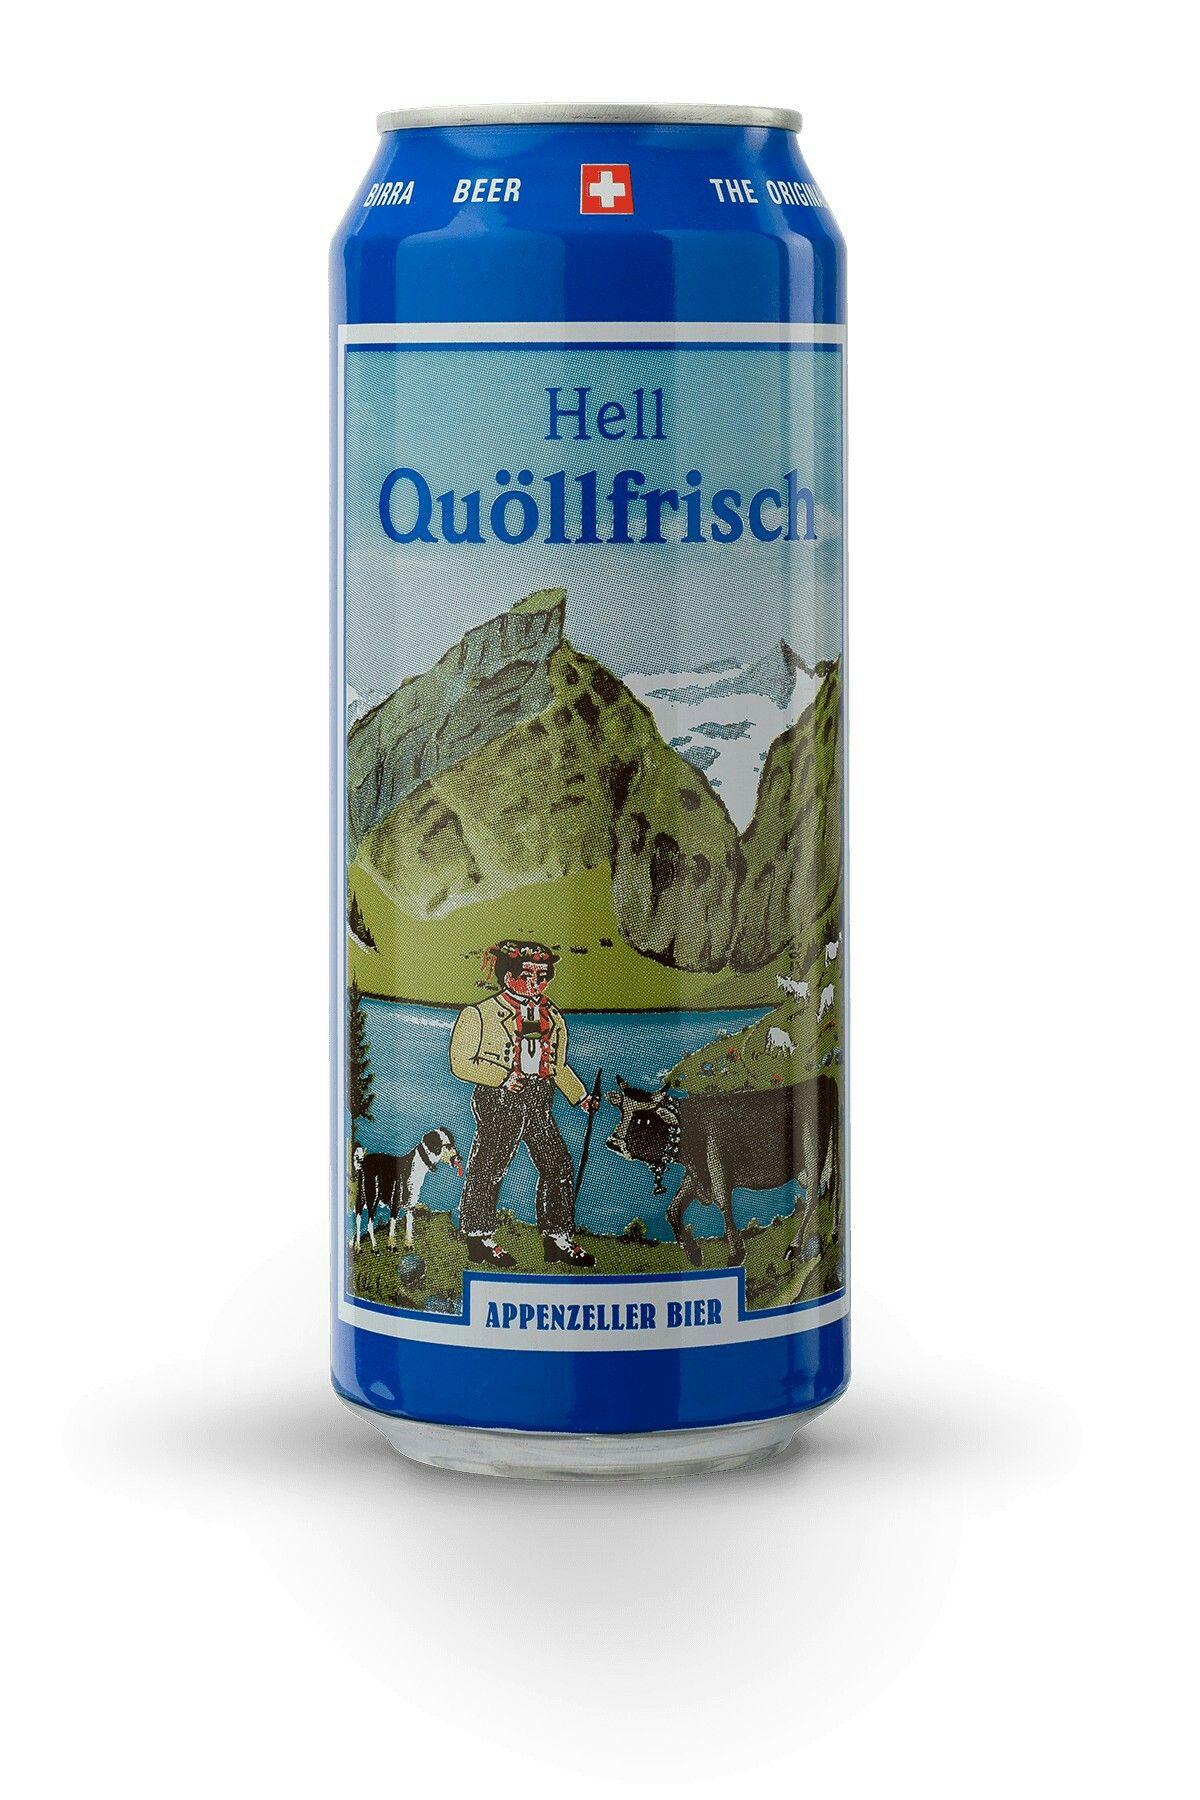 Quöllfrisch Hell, Suiza   Cervezas   Pinterest